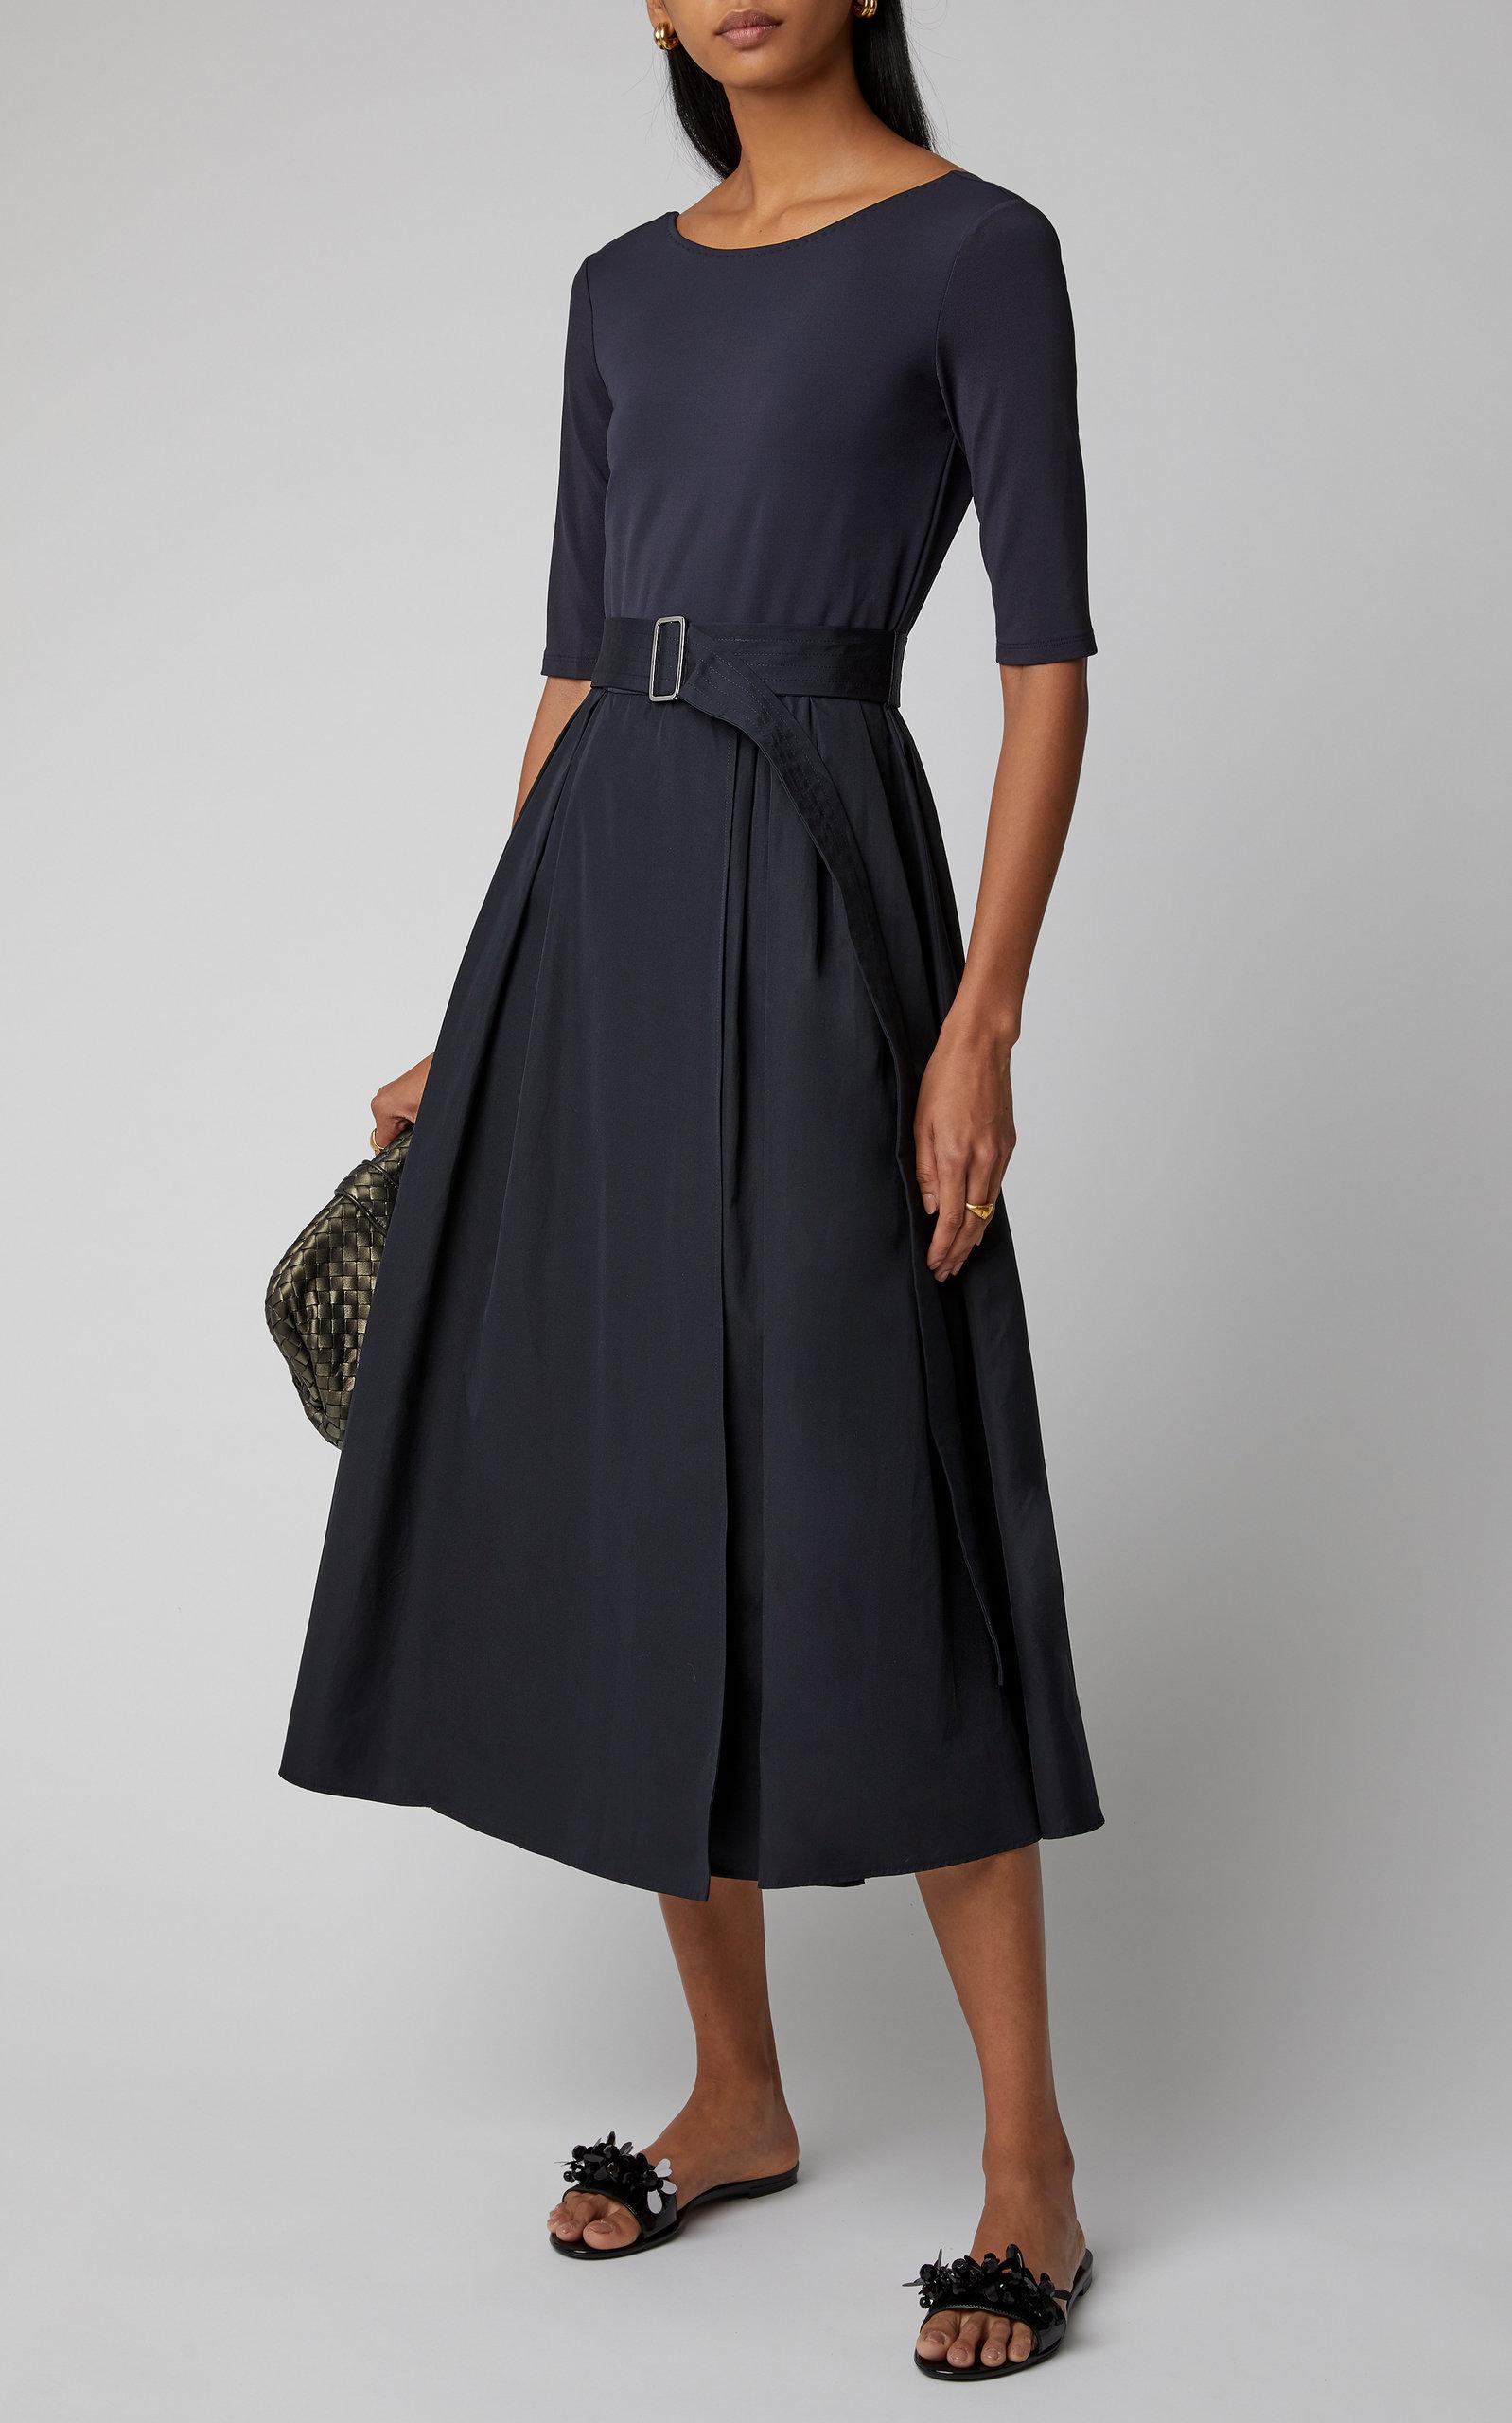 Max Mara Stretch Jersey Midi Dress Fashion Womens Sheath Dress Designer Midi Dresses [ 2560 x 1598 Pixel ]